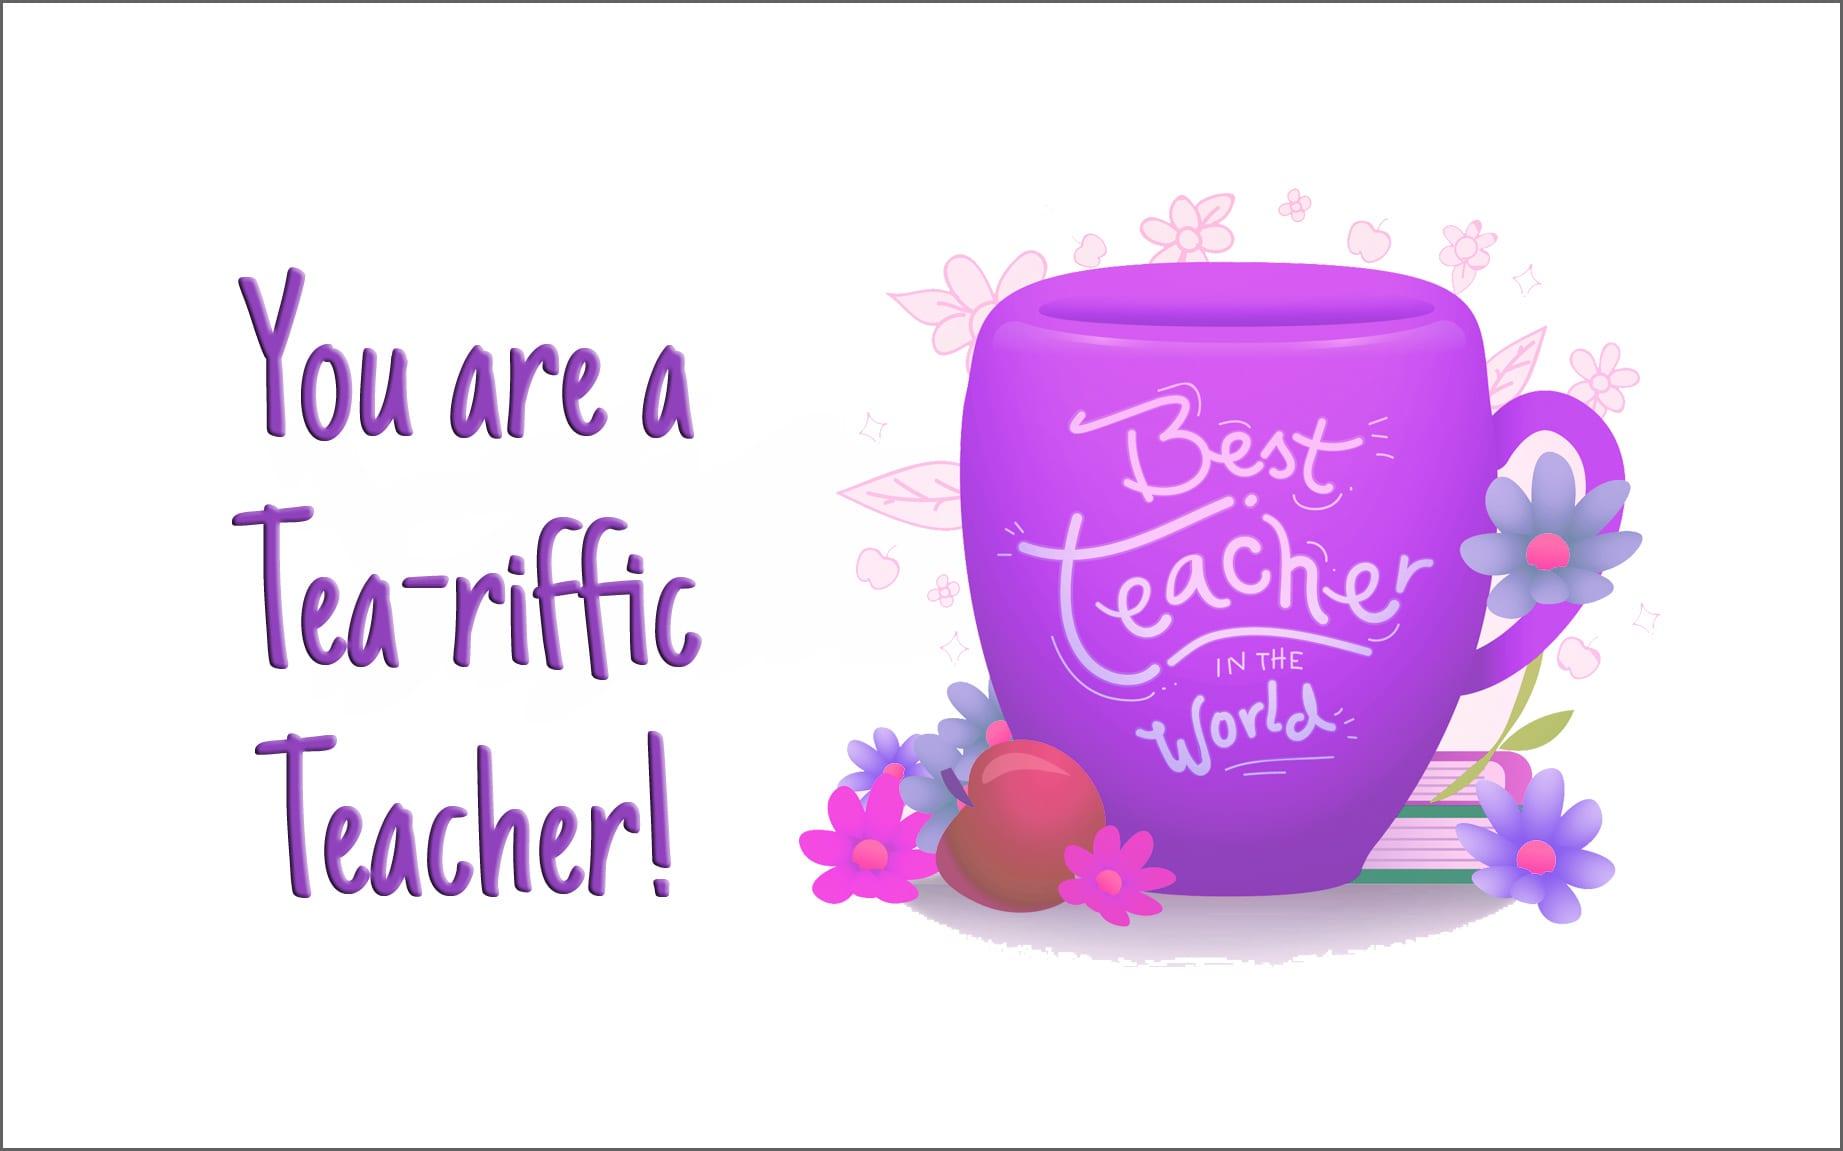 Tea-riffic Teacher